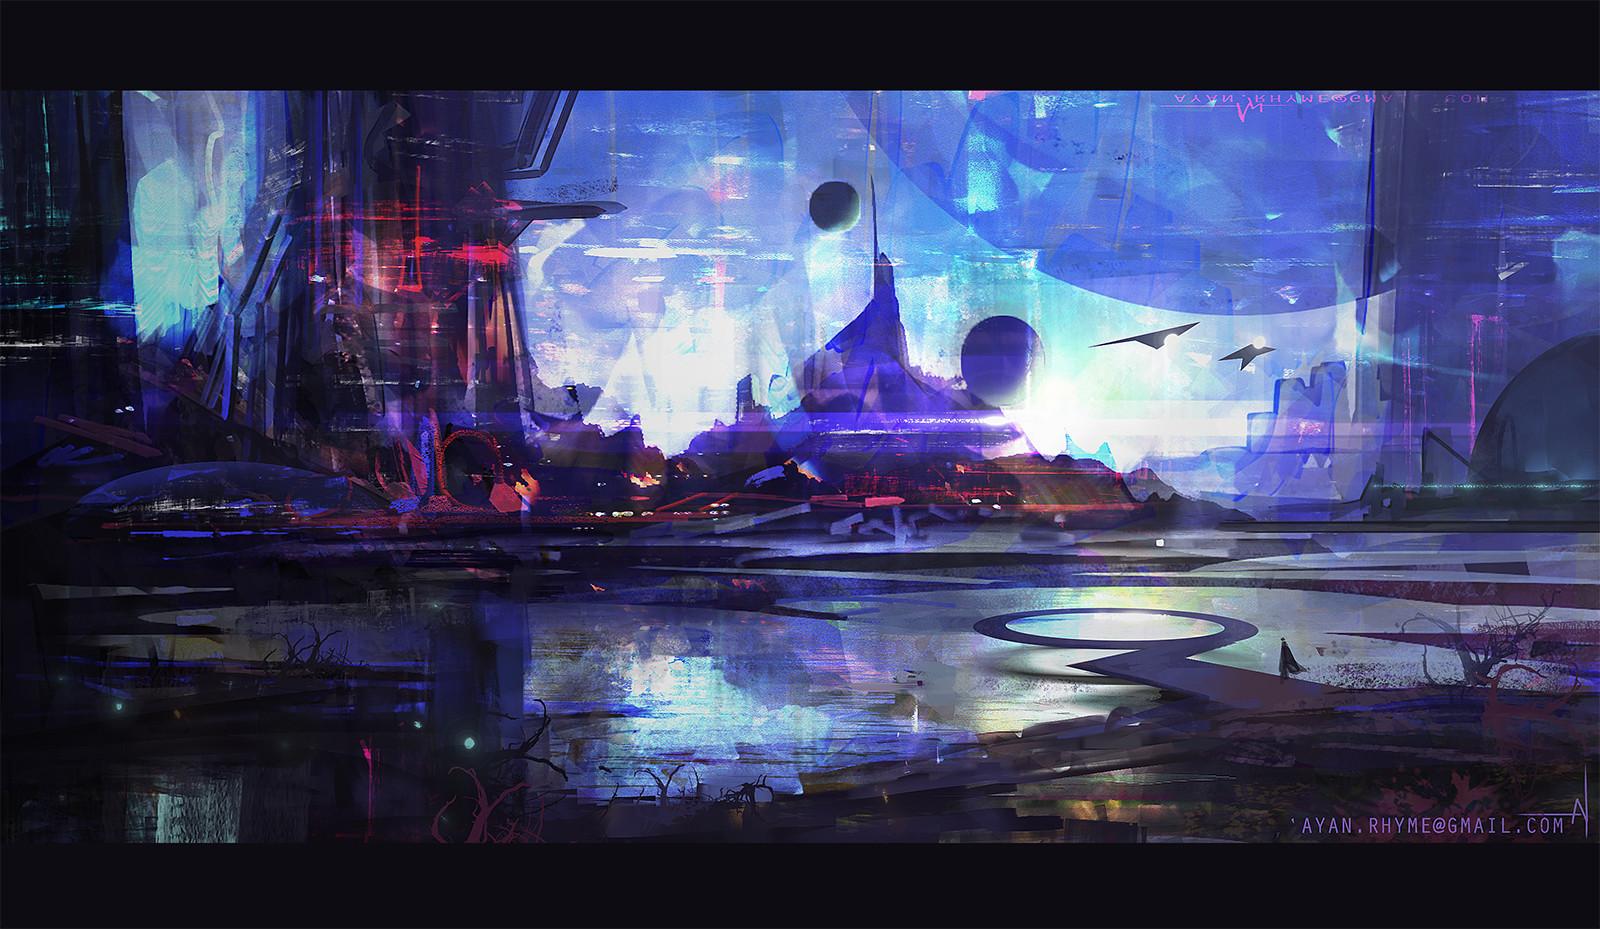 Ayan nag city of light by ayan nag lr